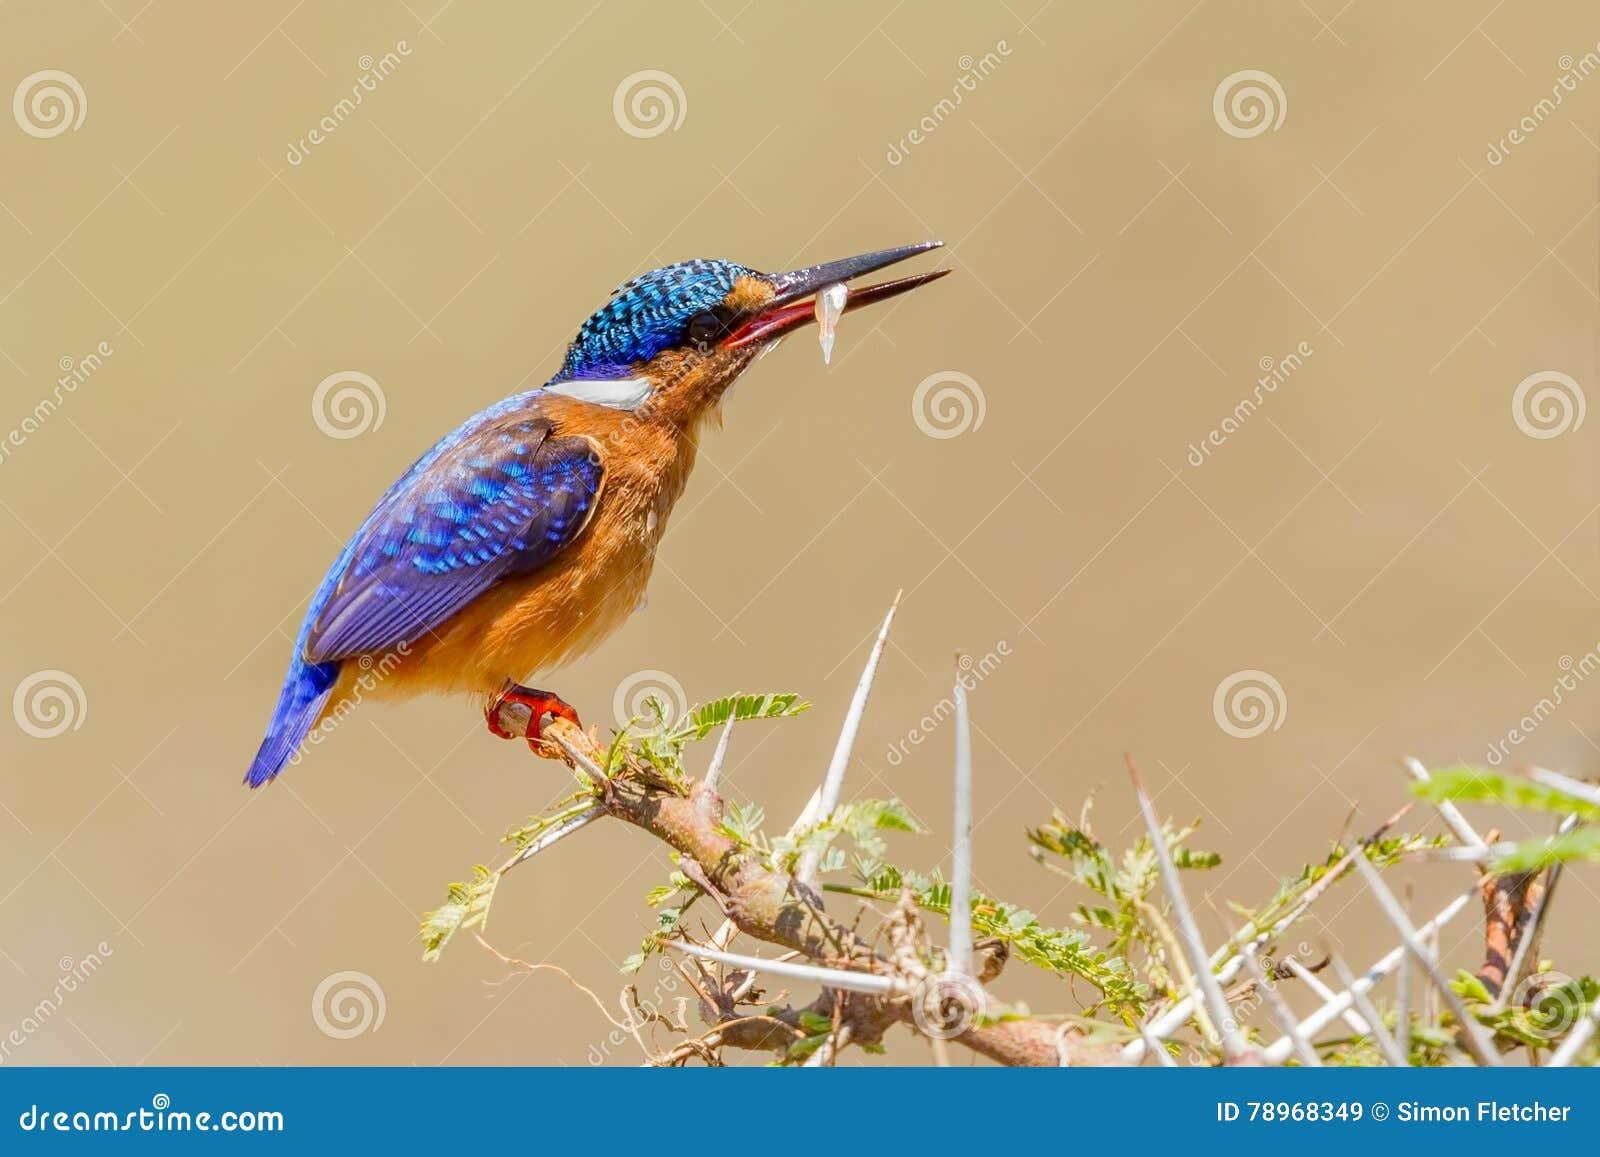 Malachite Kingfisher With Fishy Prey